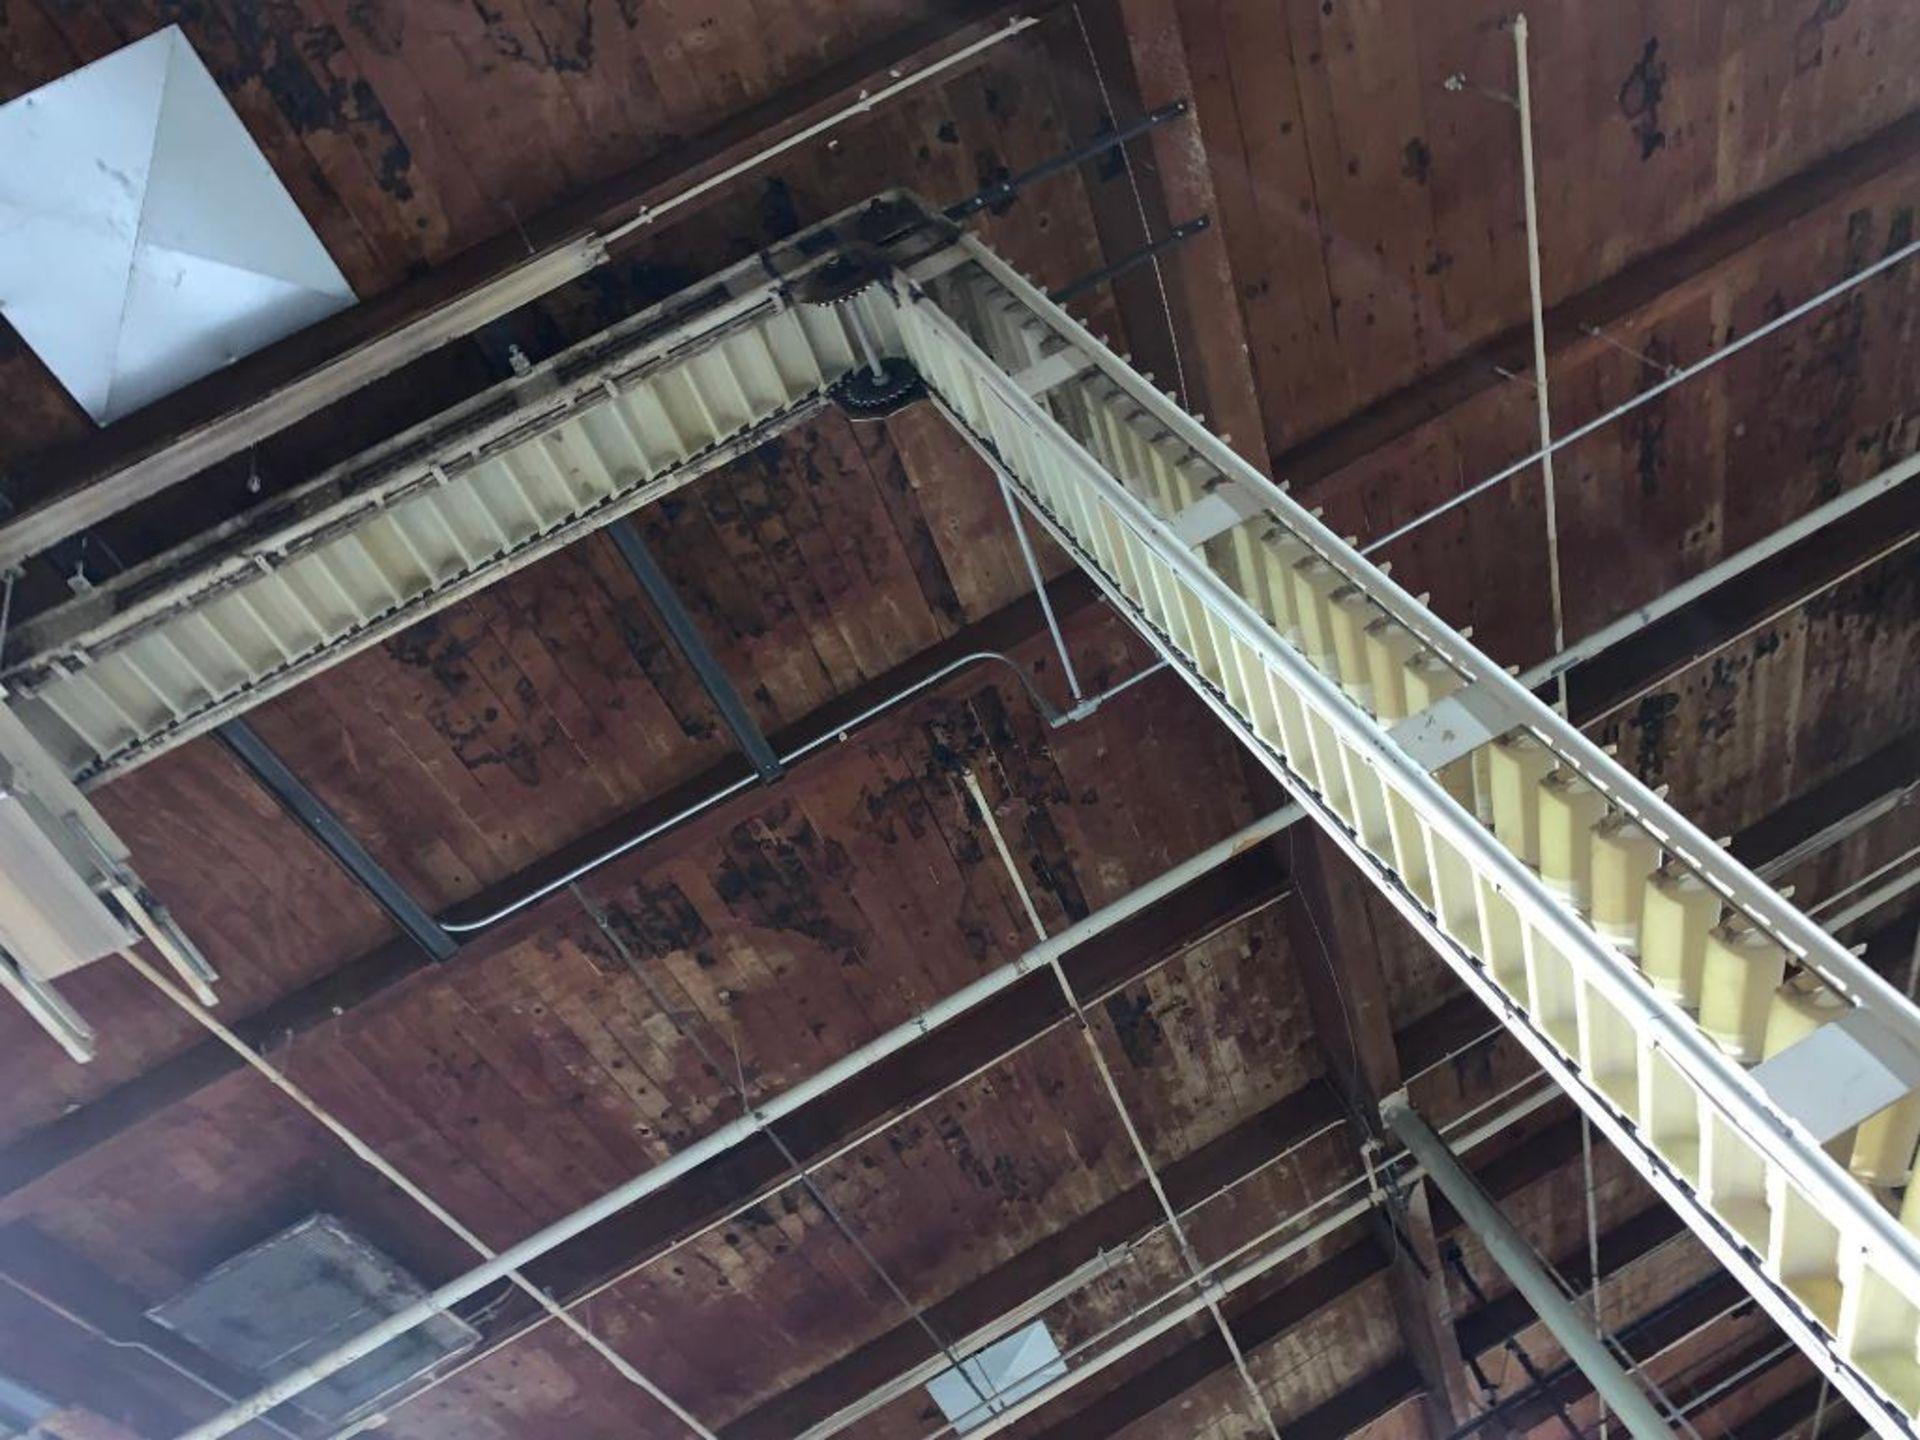 Aseeco overlapping bucket elevator - Image 10 of 11